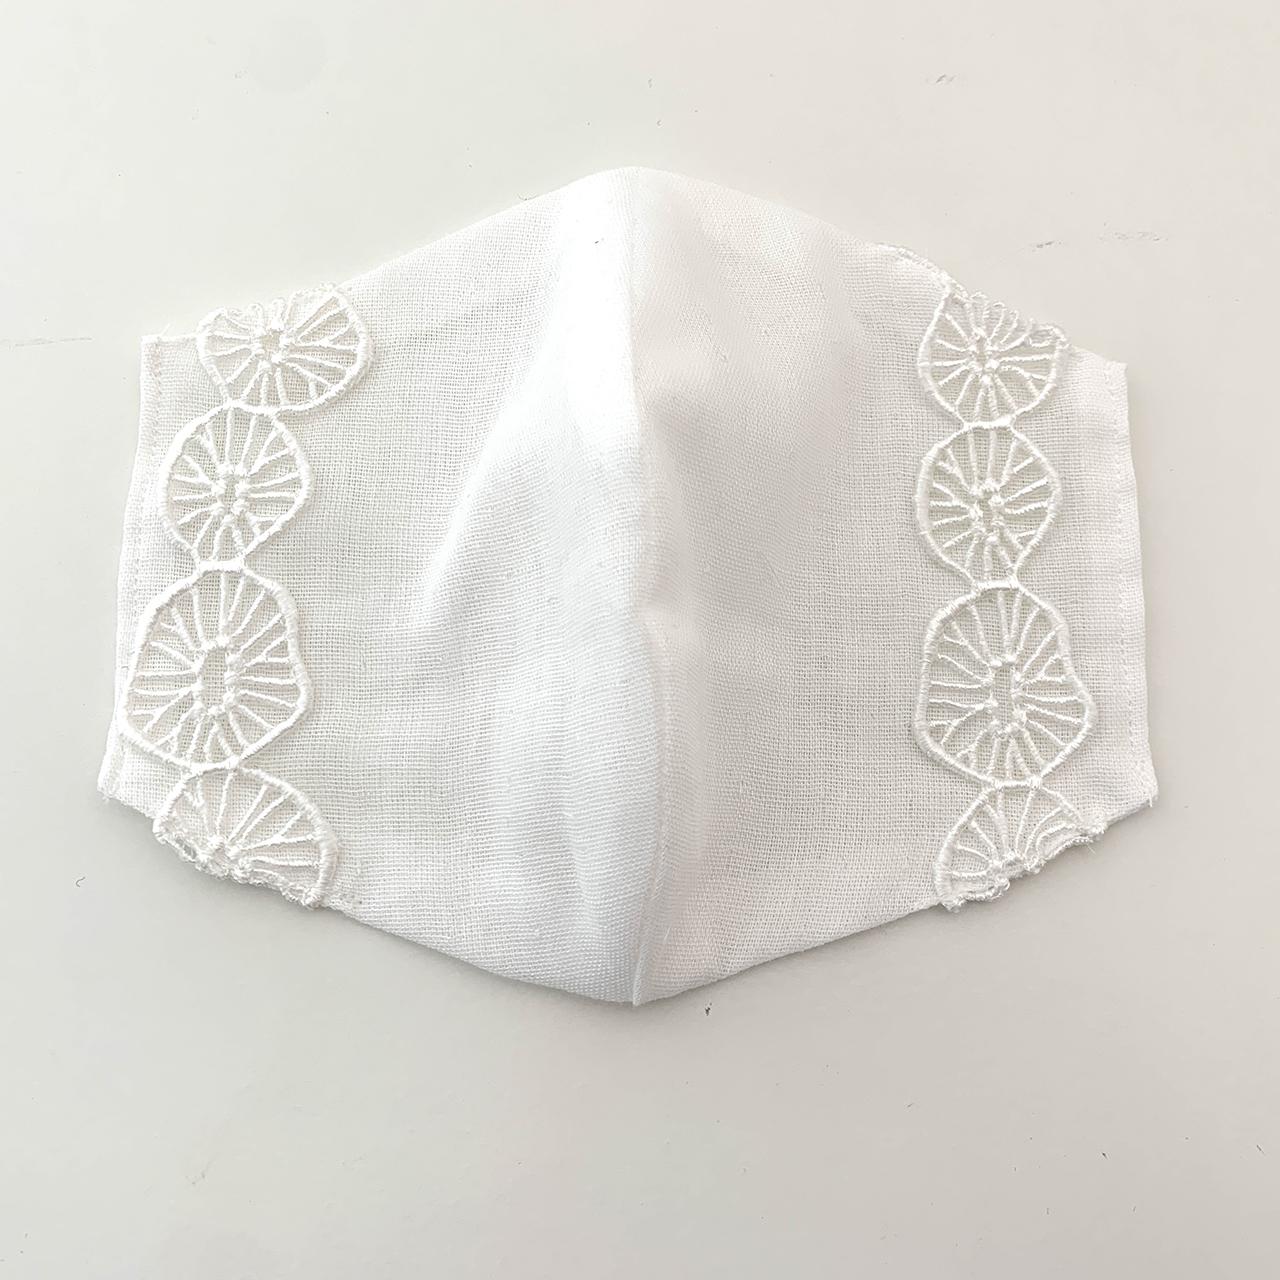 インナーマスクカバー「3枚セットA」 不織布マスクの下にするガーゼのゴムなしマスクカバーです